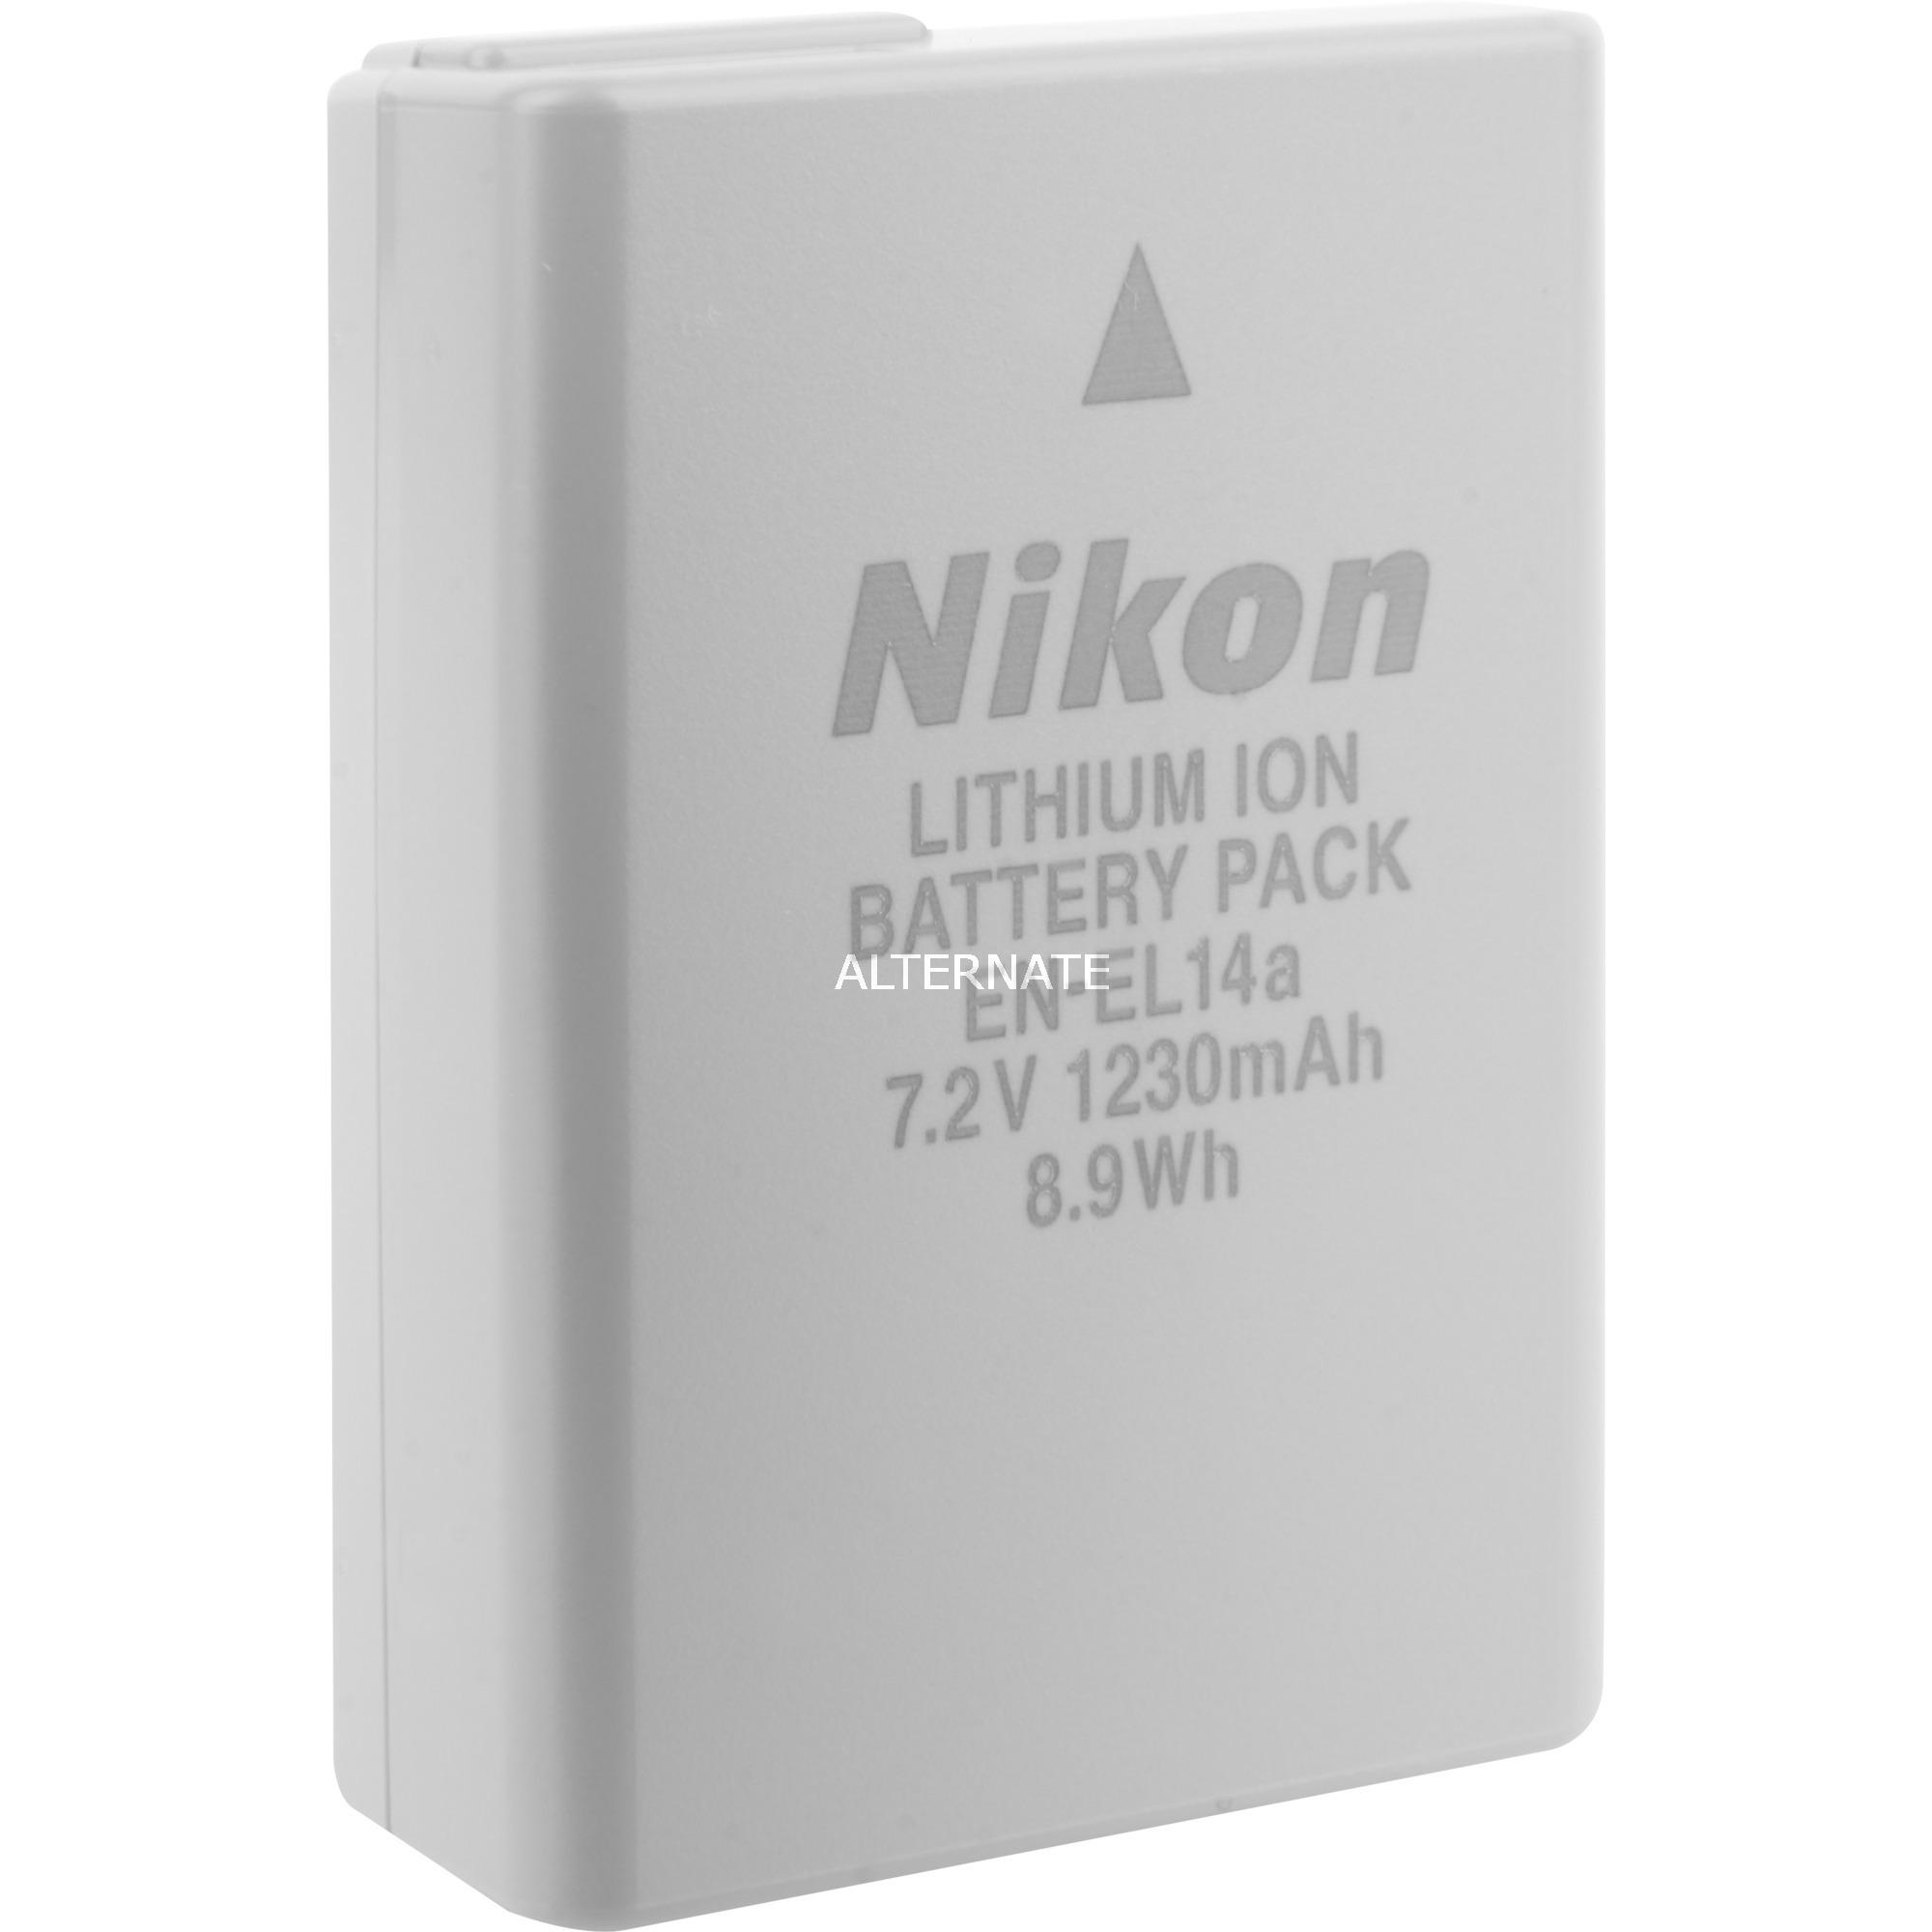 EN-EL14a iones de litio 1230mAh 7.2V batería recargable, Batería para cámara